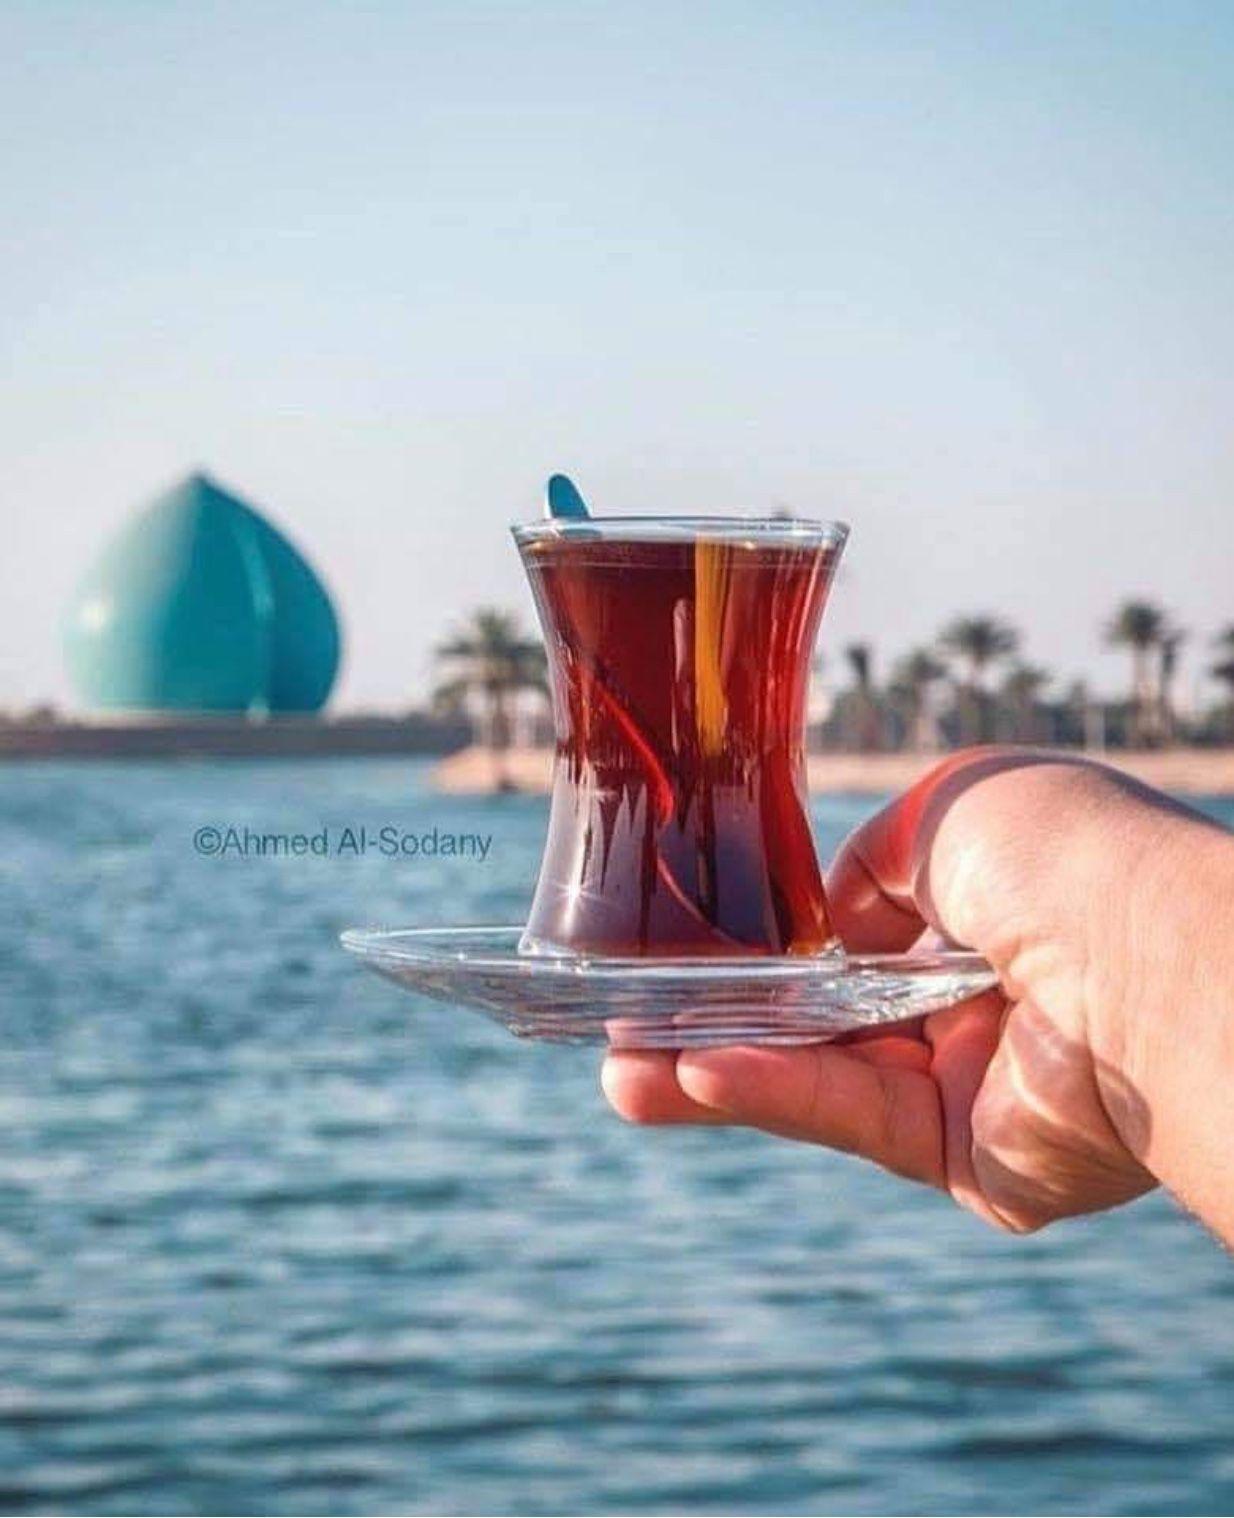 لم يدر ما لذة الدنيا وبهجتها من لم يكن من كؤوس الشاي قد شربا فهي المريحة للأحزان قاطبة ناهيك إذ لونها قد شاكل الذهبا مااطيب الشاي Baghdad Iraq Baghdad Iraq